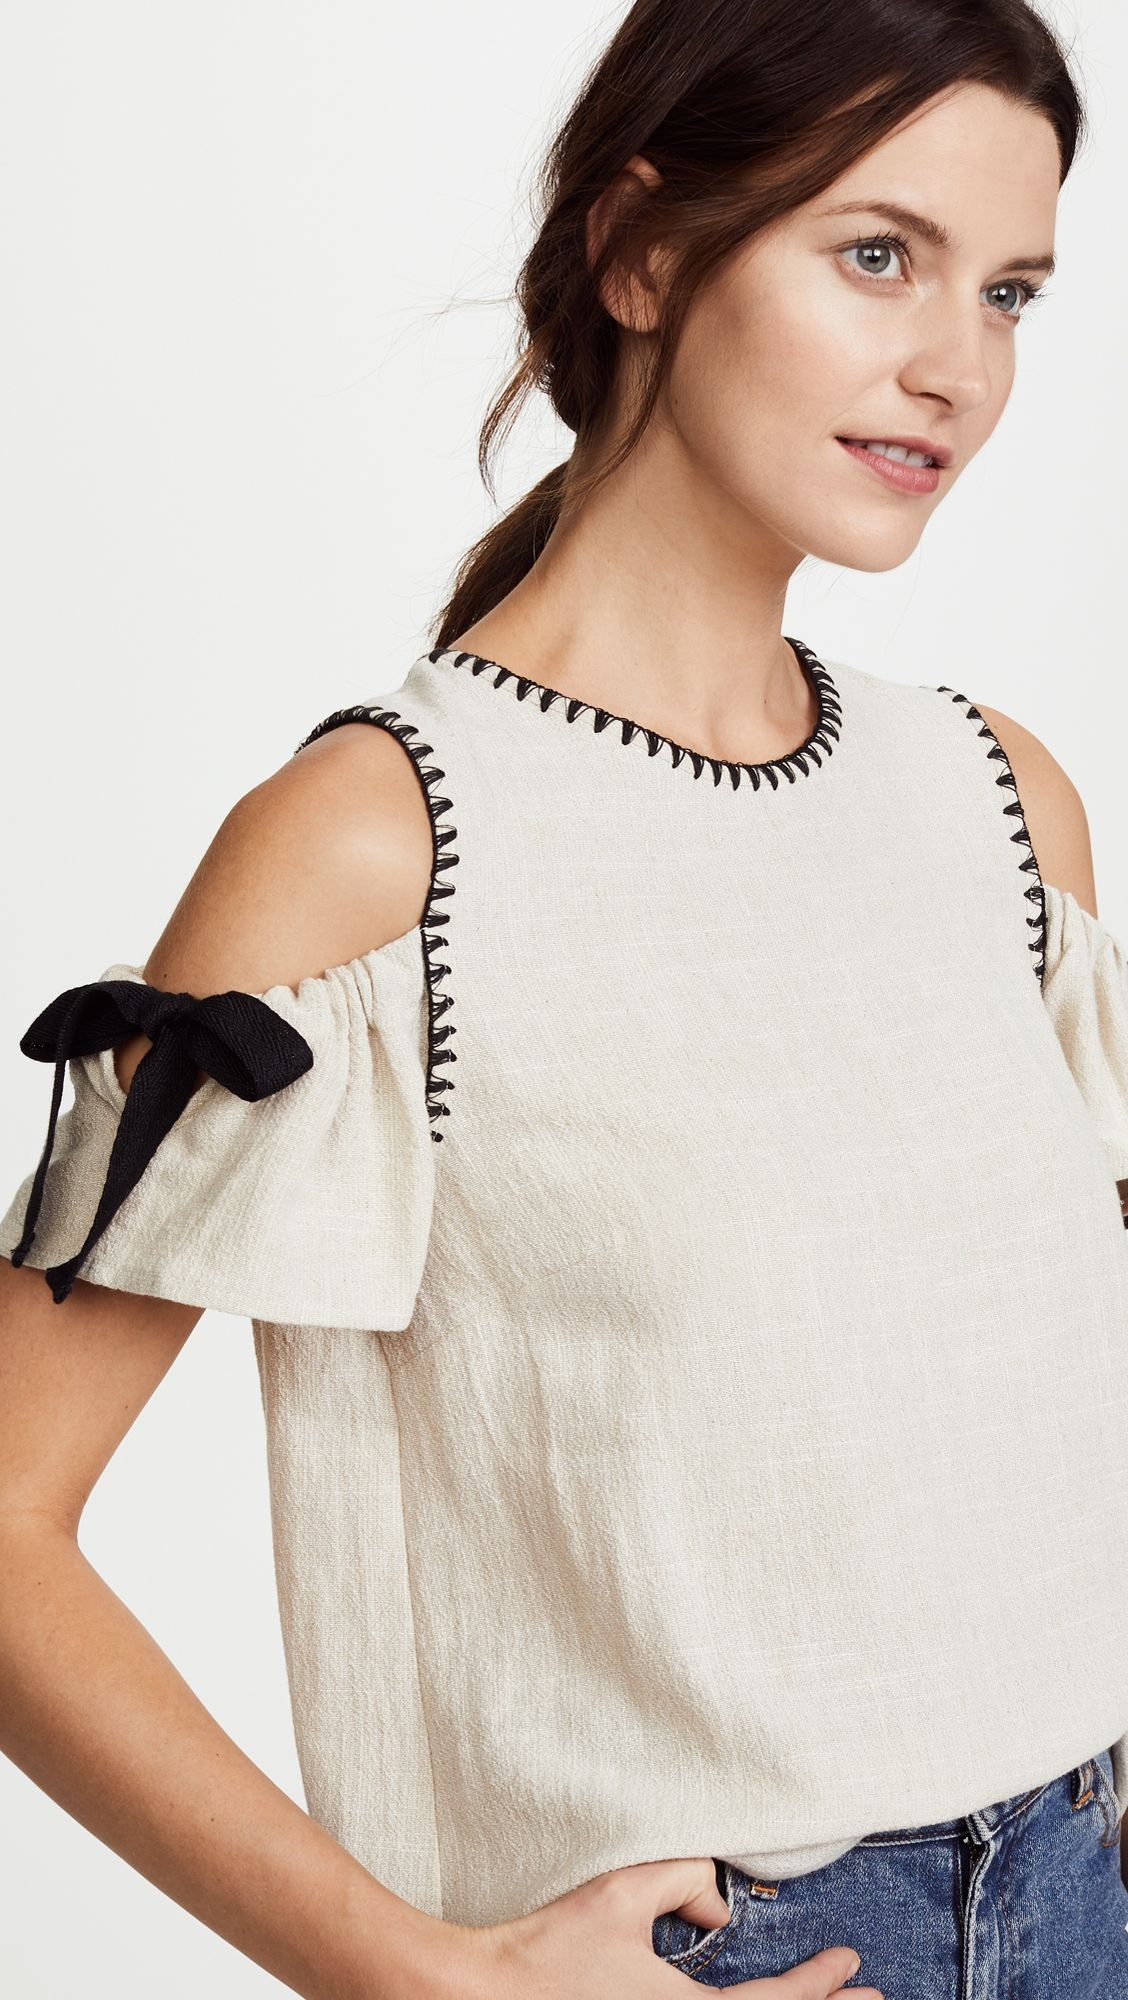 Tie Blouse | Vestidos dia-a-dia | Roupas, Camisa branca, Moda